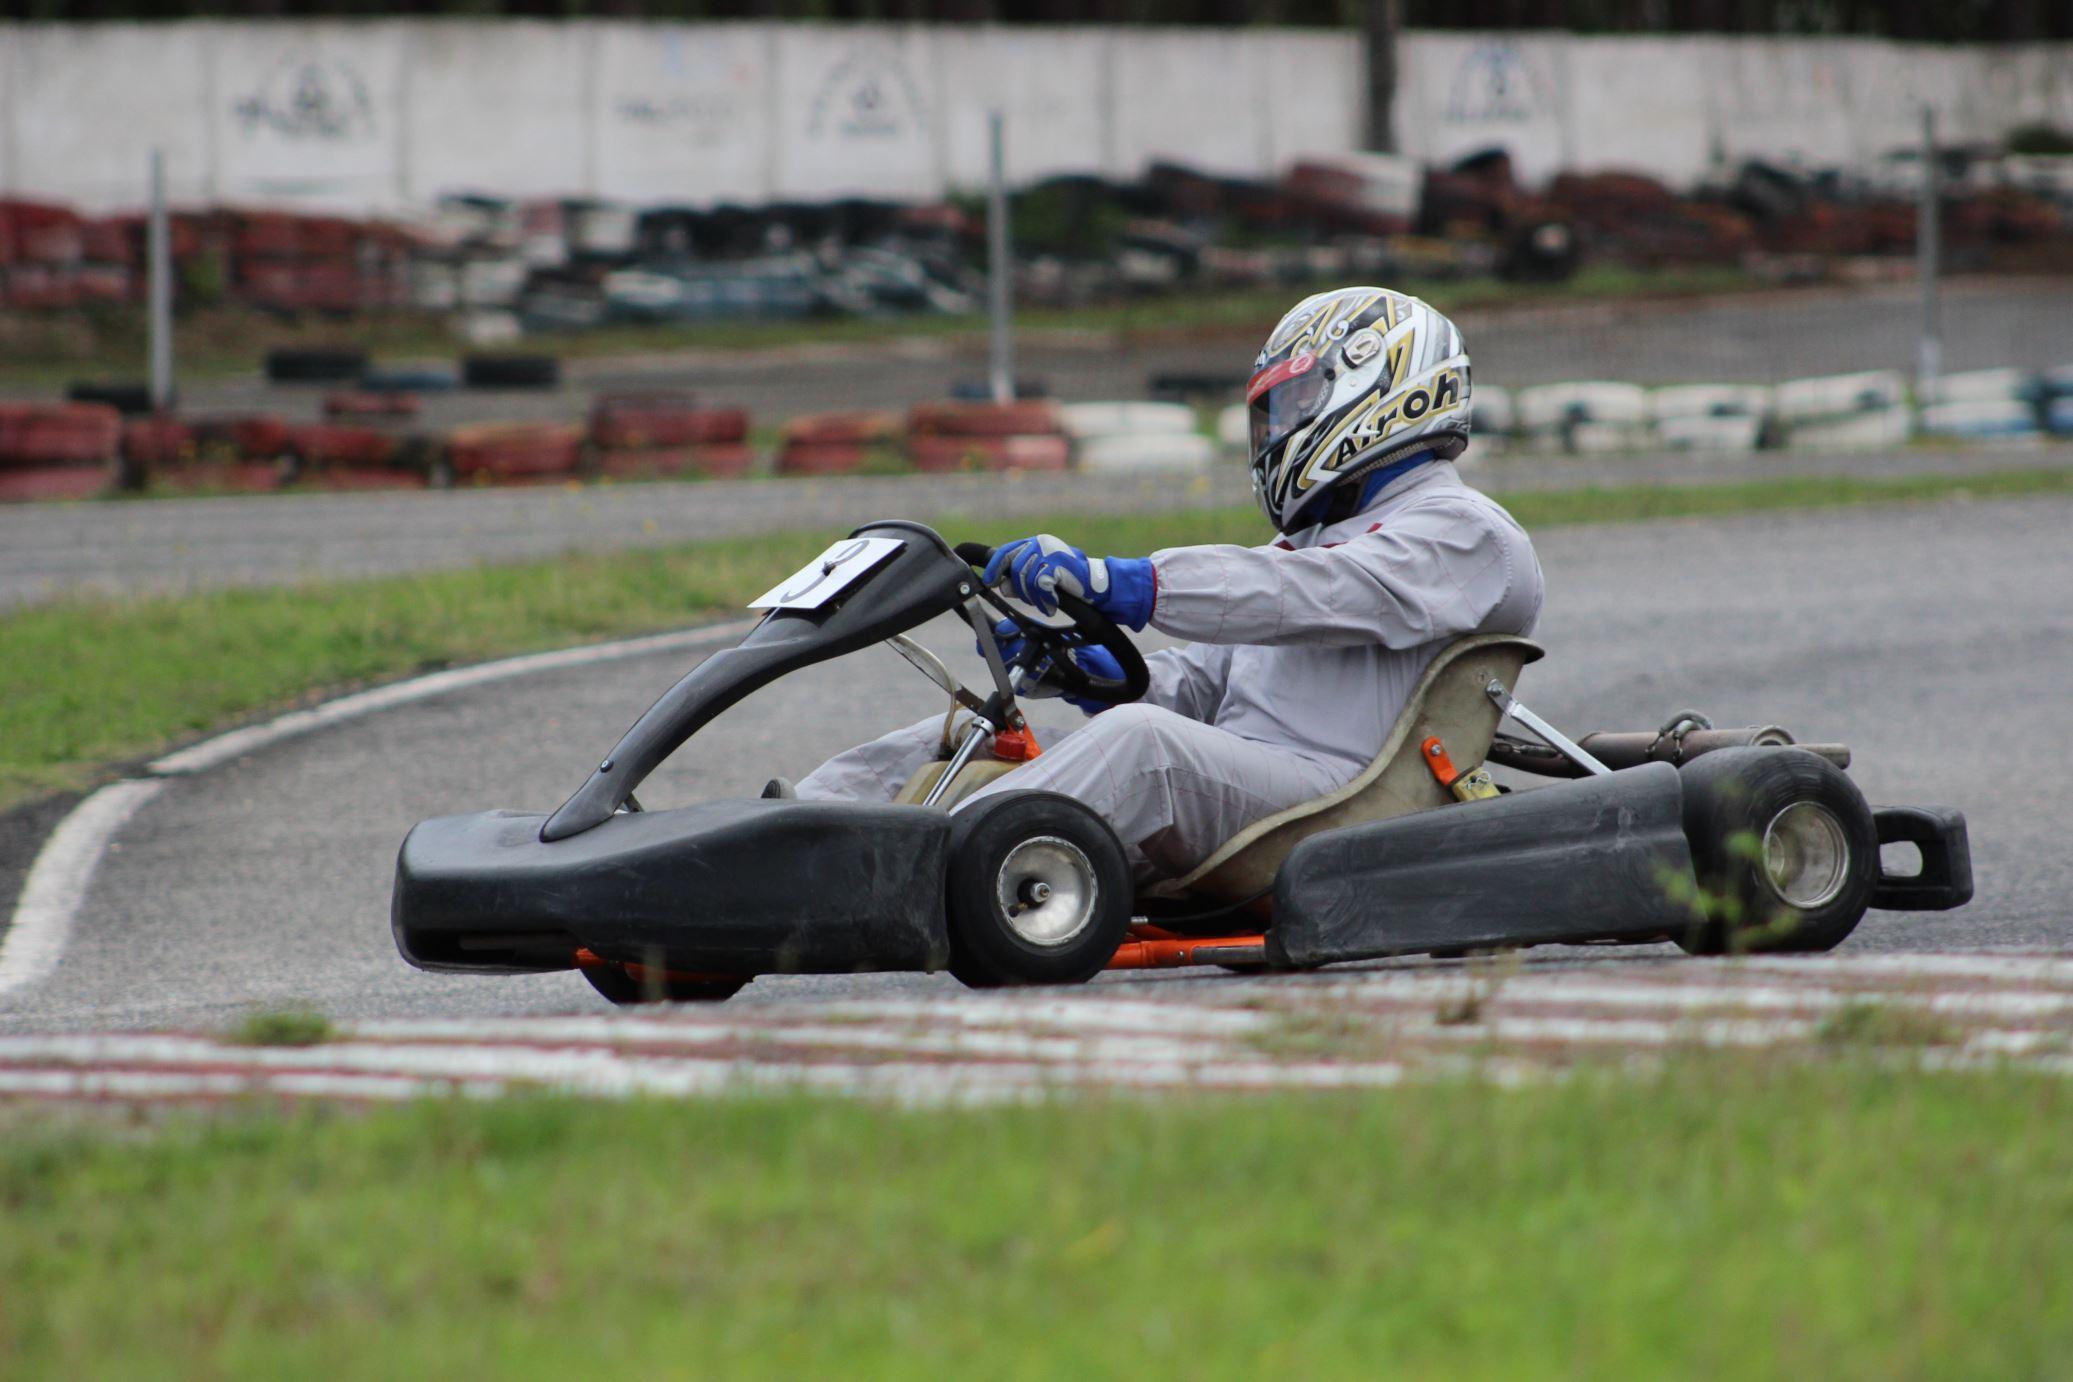 Troféu Honda 2014 - 5ª Prova116